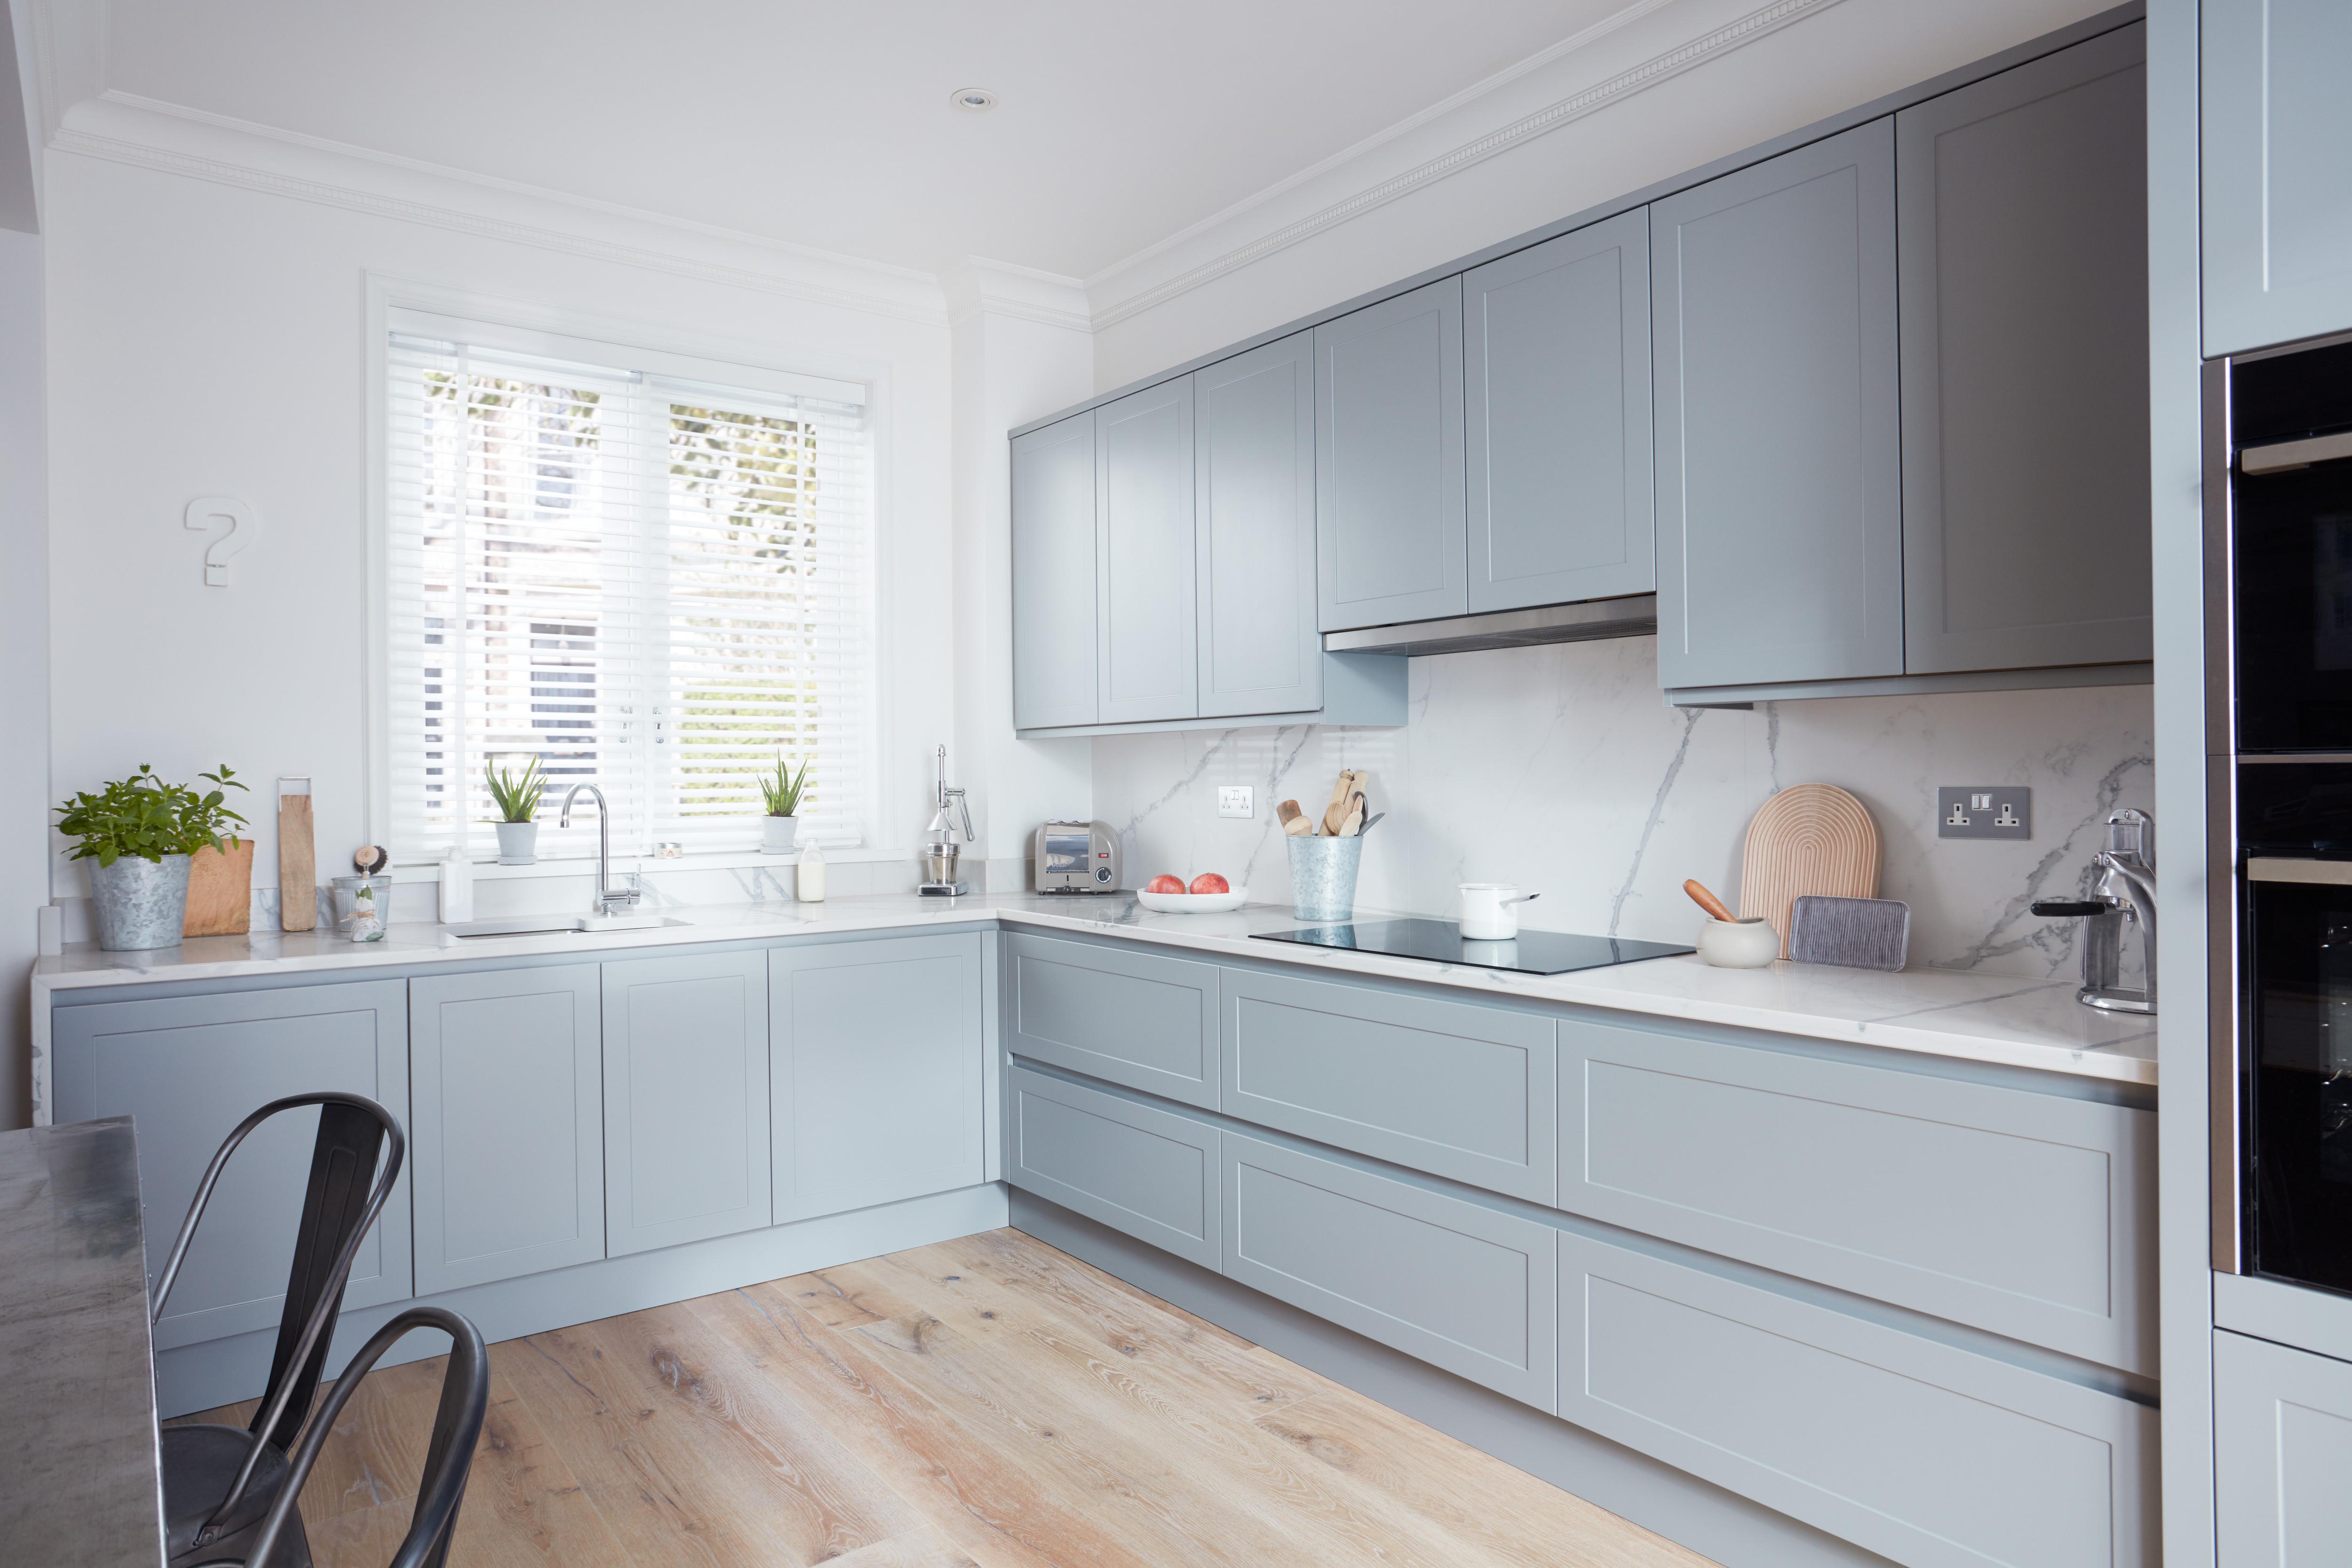 Wembury kitchen Crestwood of Lymington